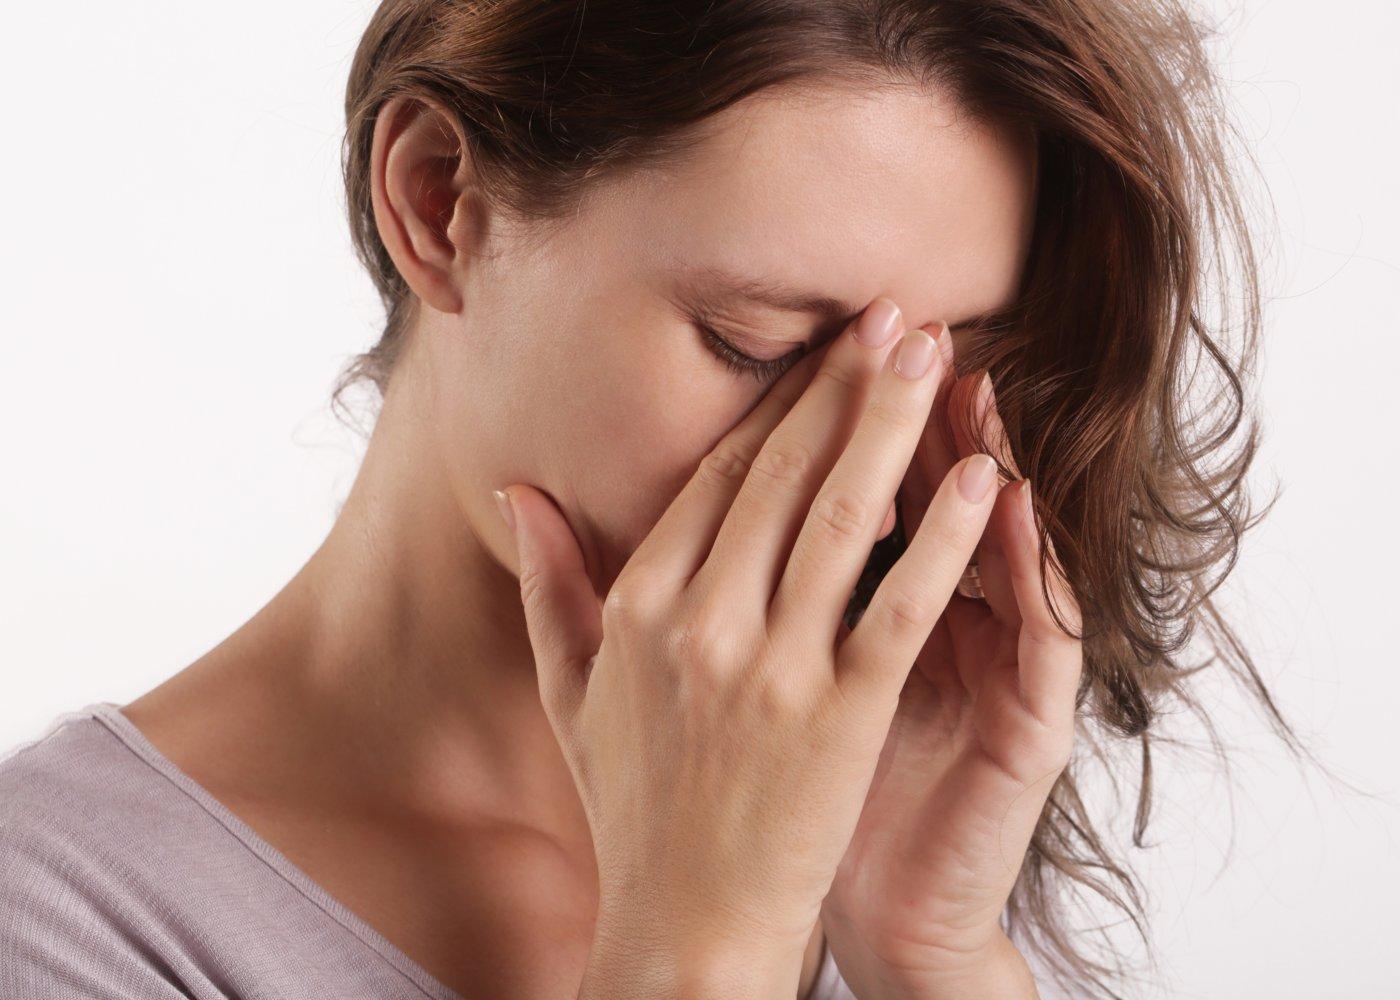 Mulher com dores causadas pela sinusite